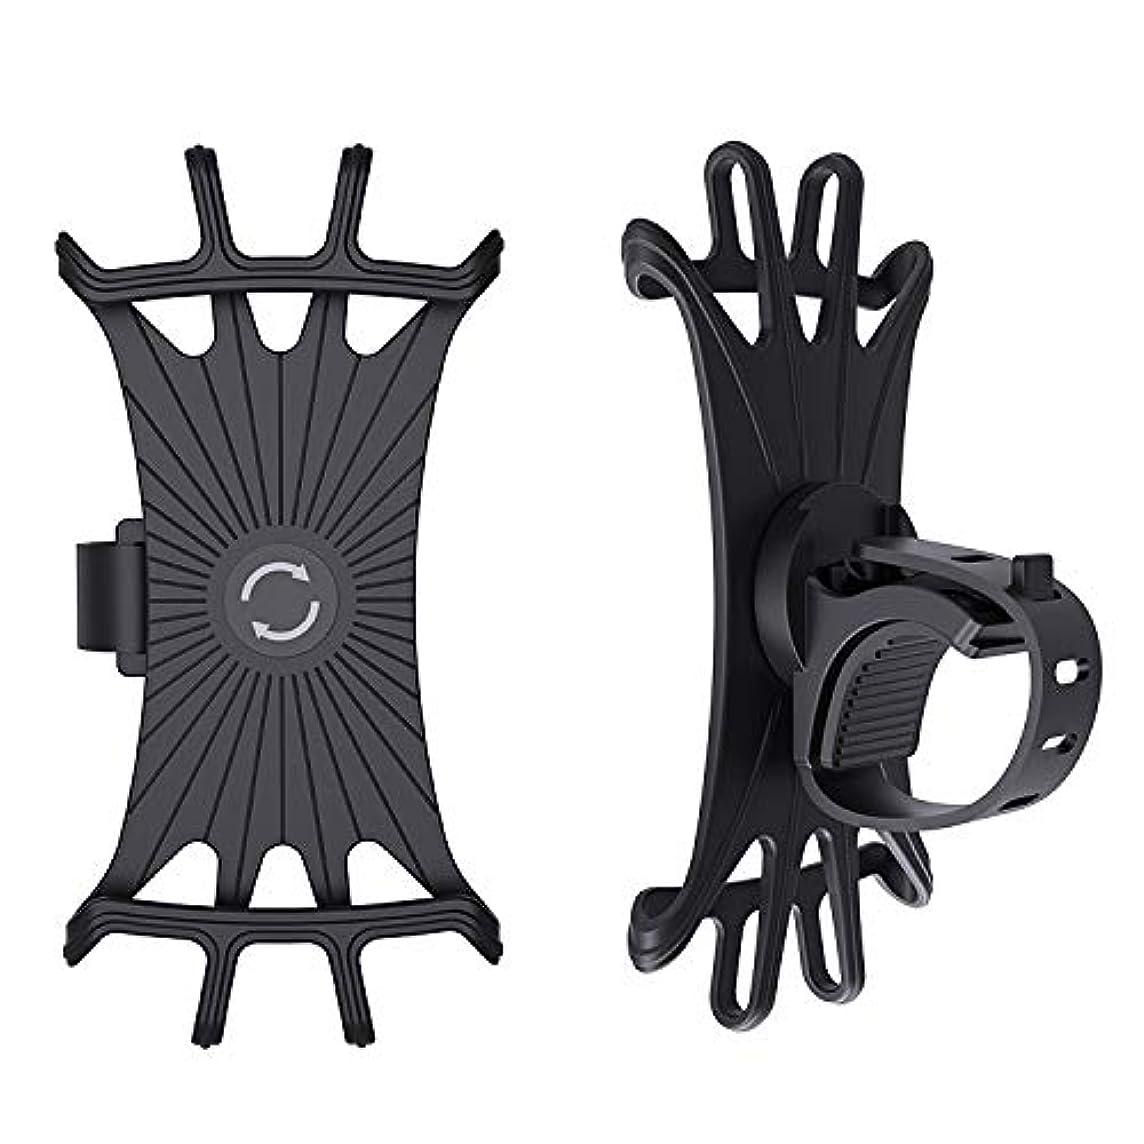 Dongguan Joyart Universal Bicycle Stem Handlebar Cell Silicone Strap Bike Phone Mount Holder